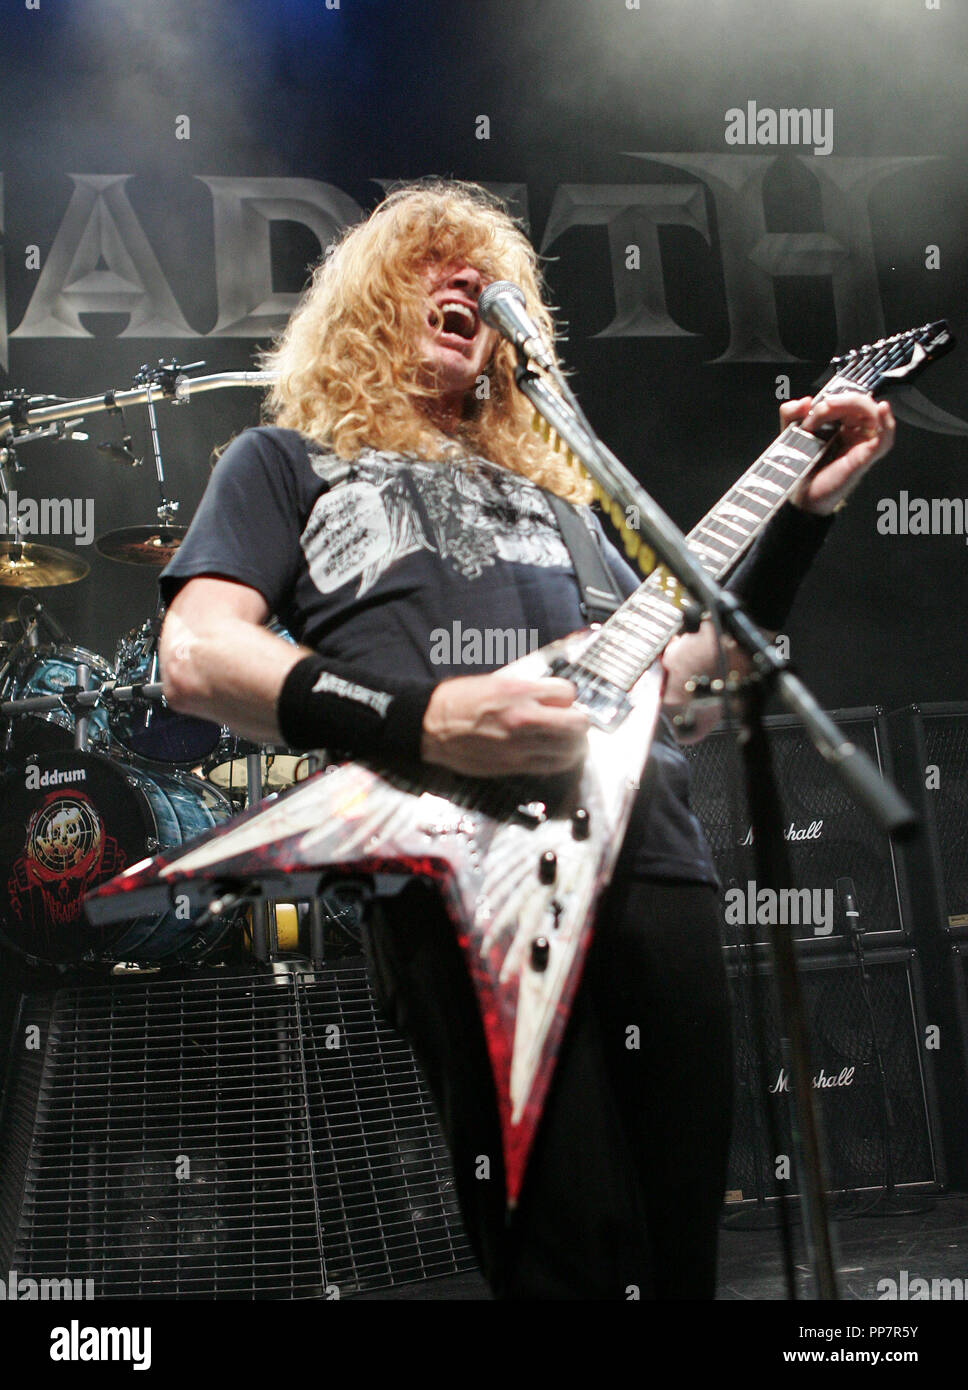 Dave Mustaine und Megadeth führt im Konzert im Club Revolution, in Ft. Lauderdale Florida am 3. Oktober 2007. Stockbild